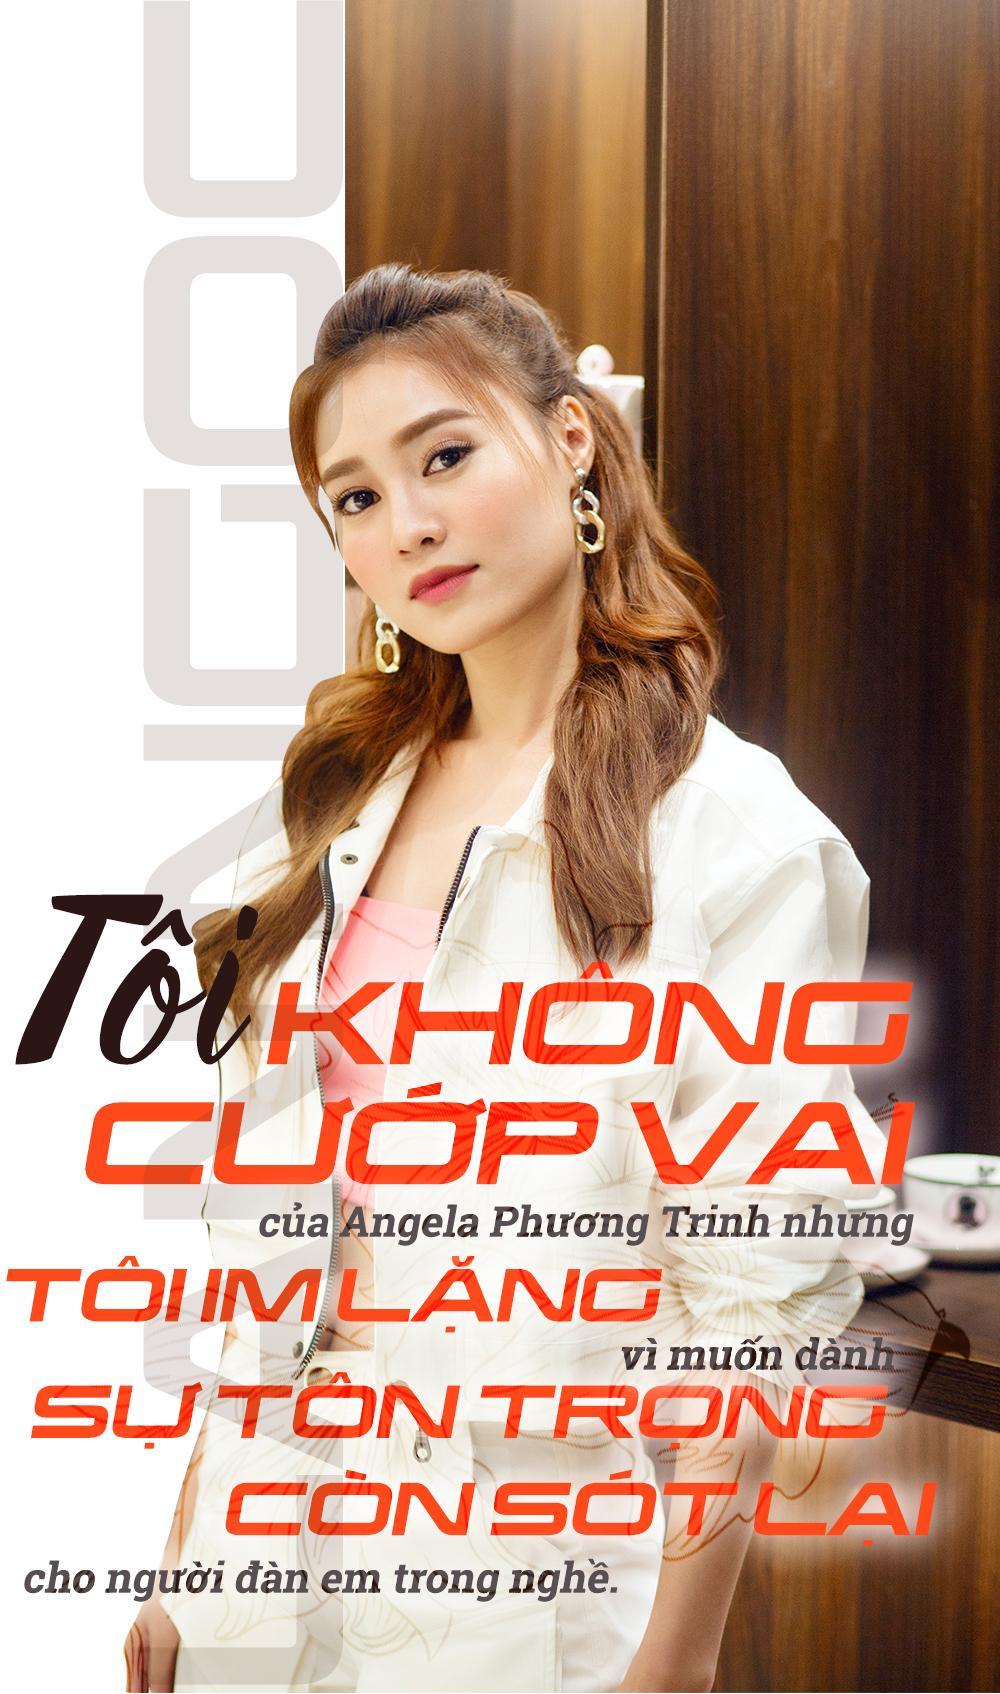 Ninh Dương Lan Ngọc: Tôi không cướp vai Angela Phương Trinh và cô ấy đừng hãm hại ai thêm nữa-5